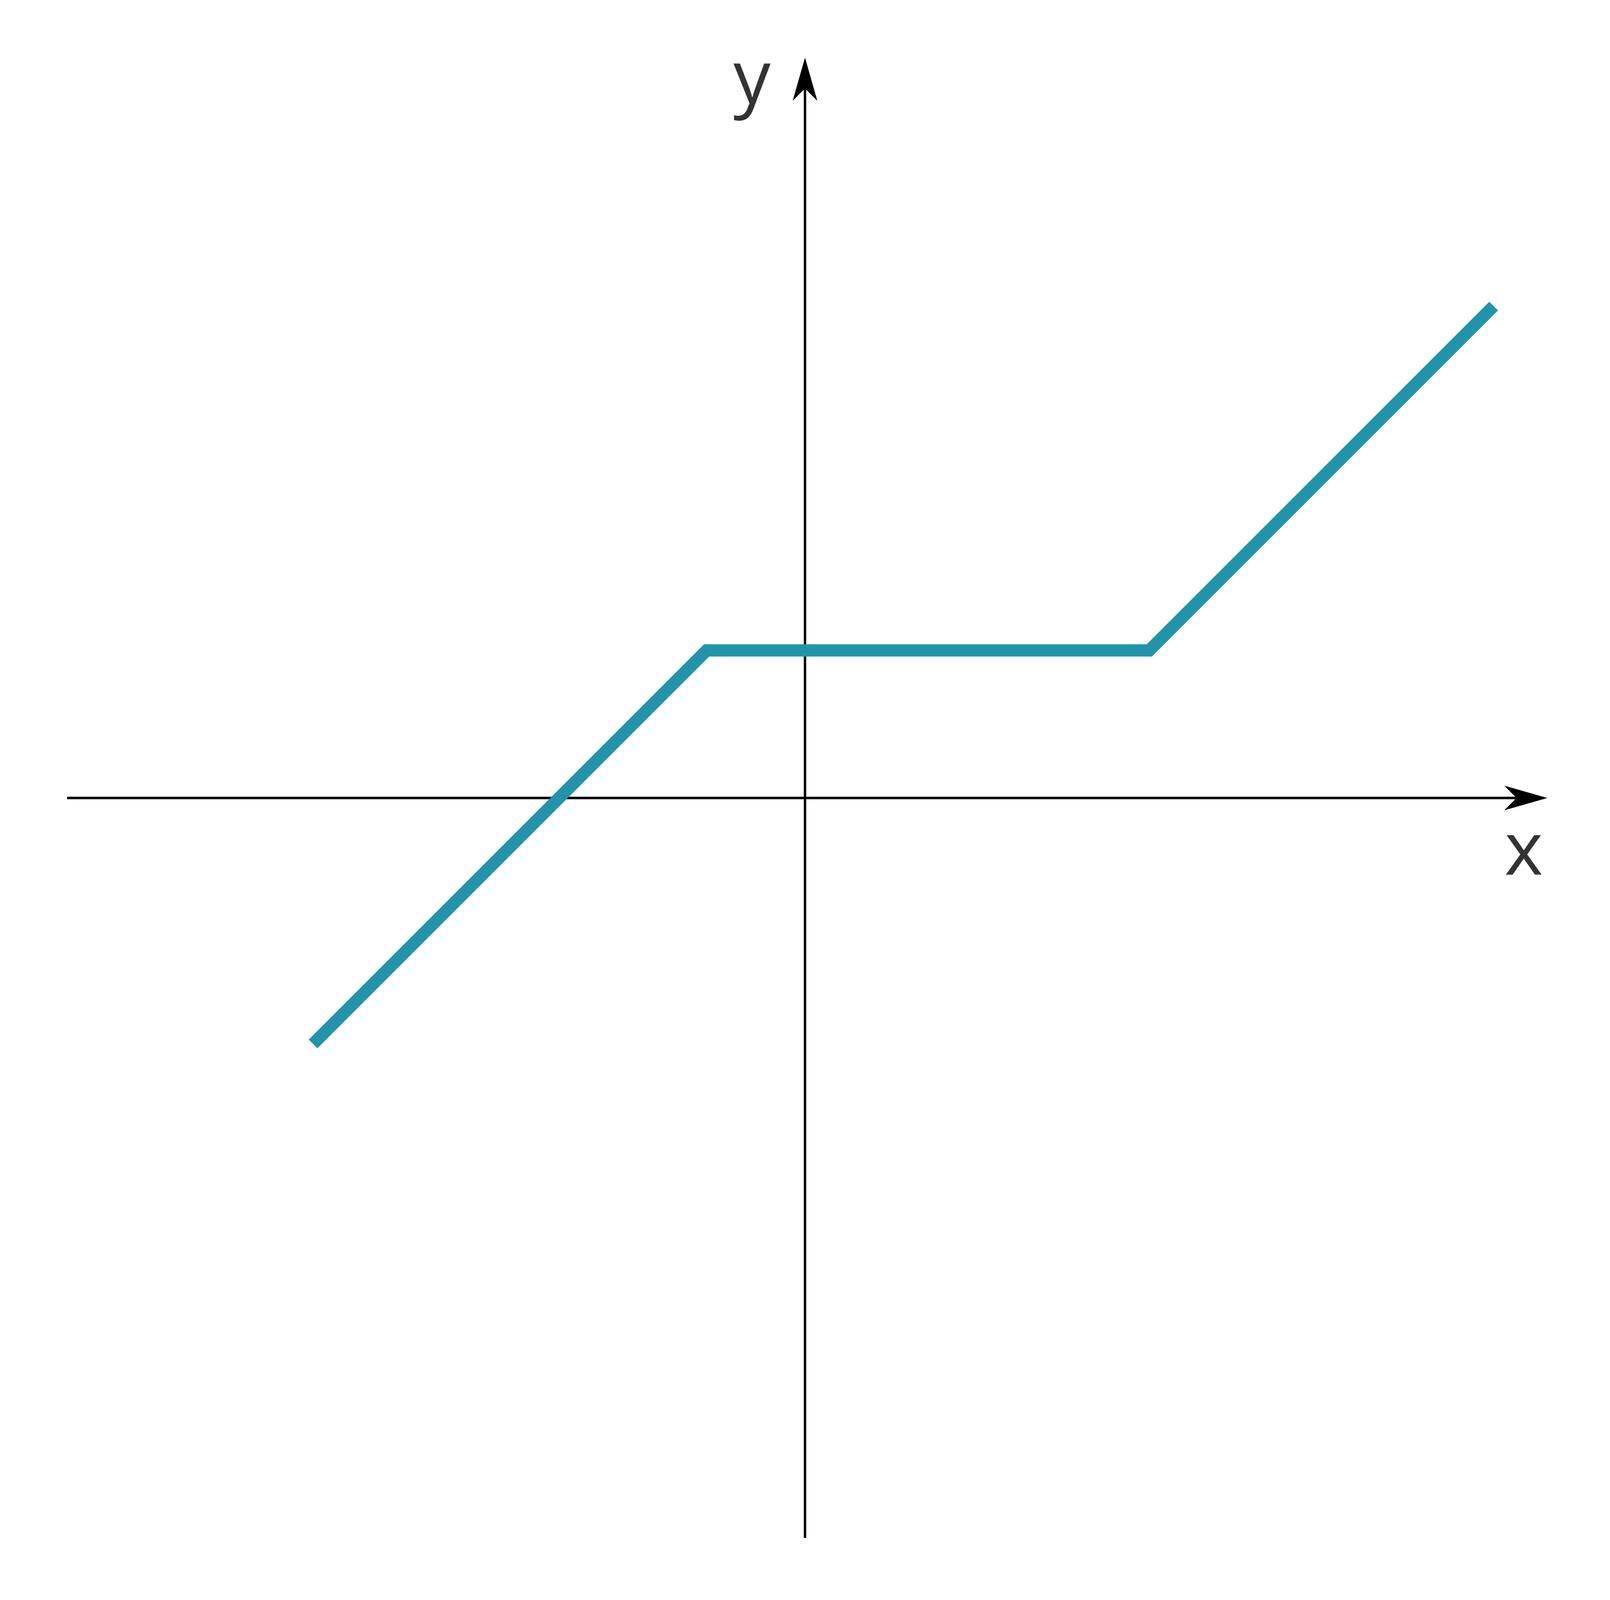 Schemat przedstawia wykres. Tło białe. Niebieska linia łamana na układzie współrzędnych. Początek wtrzeciej ćwiartce, koniec wpierwszej. Pomiędzy drugą apierwszą, linia równoległa do osi odciętych.